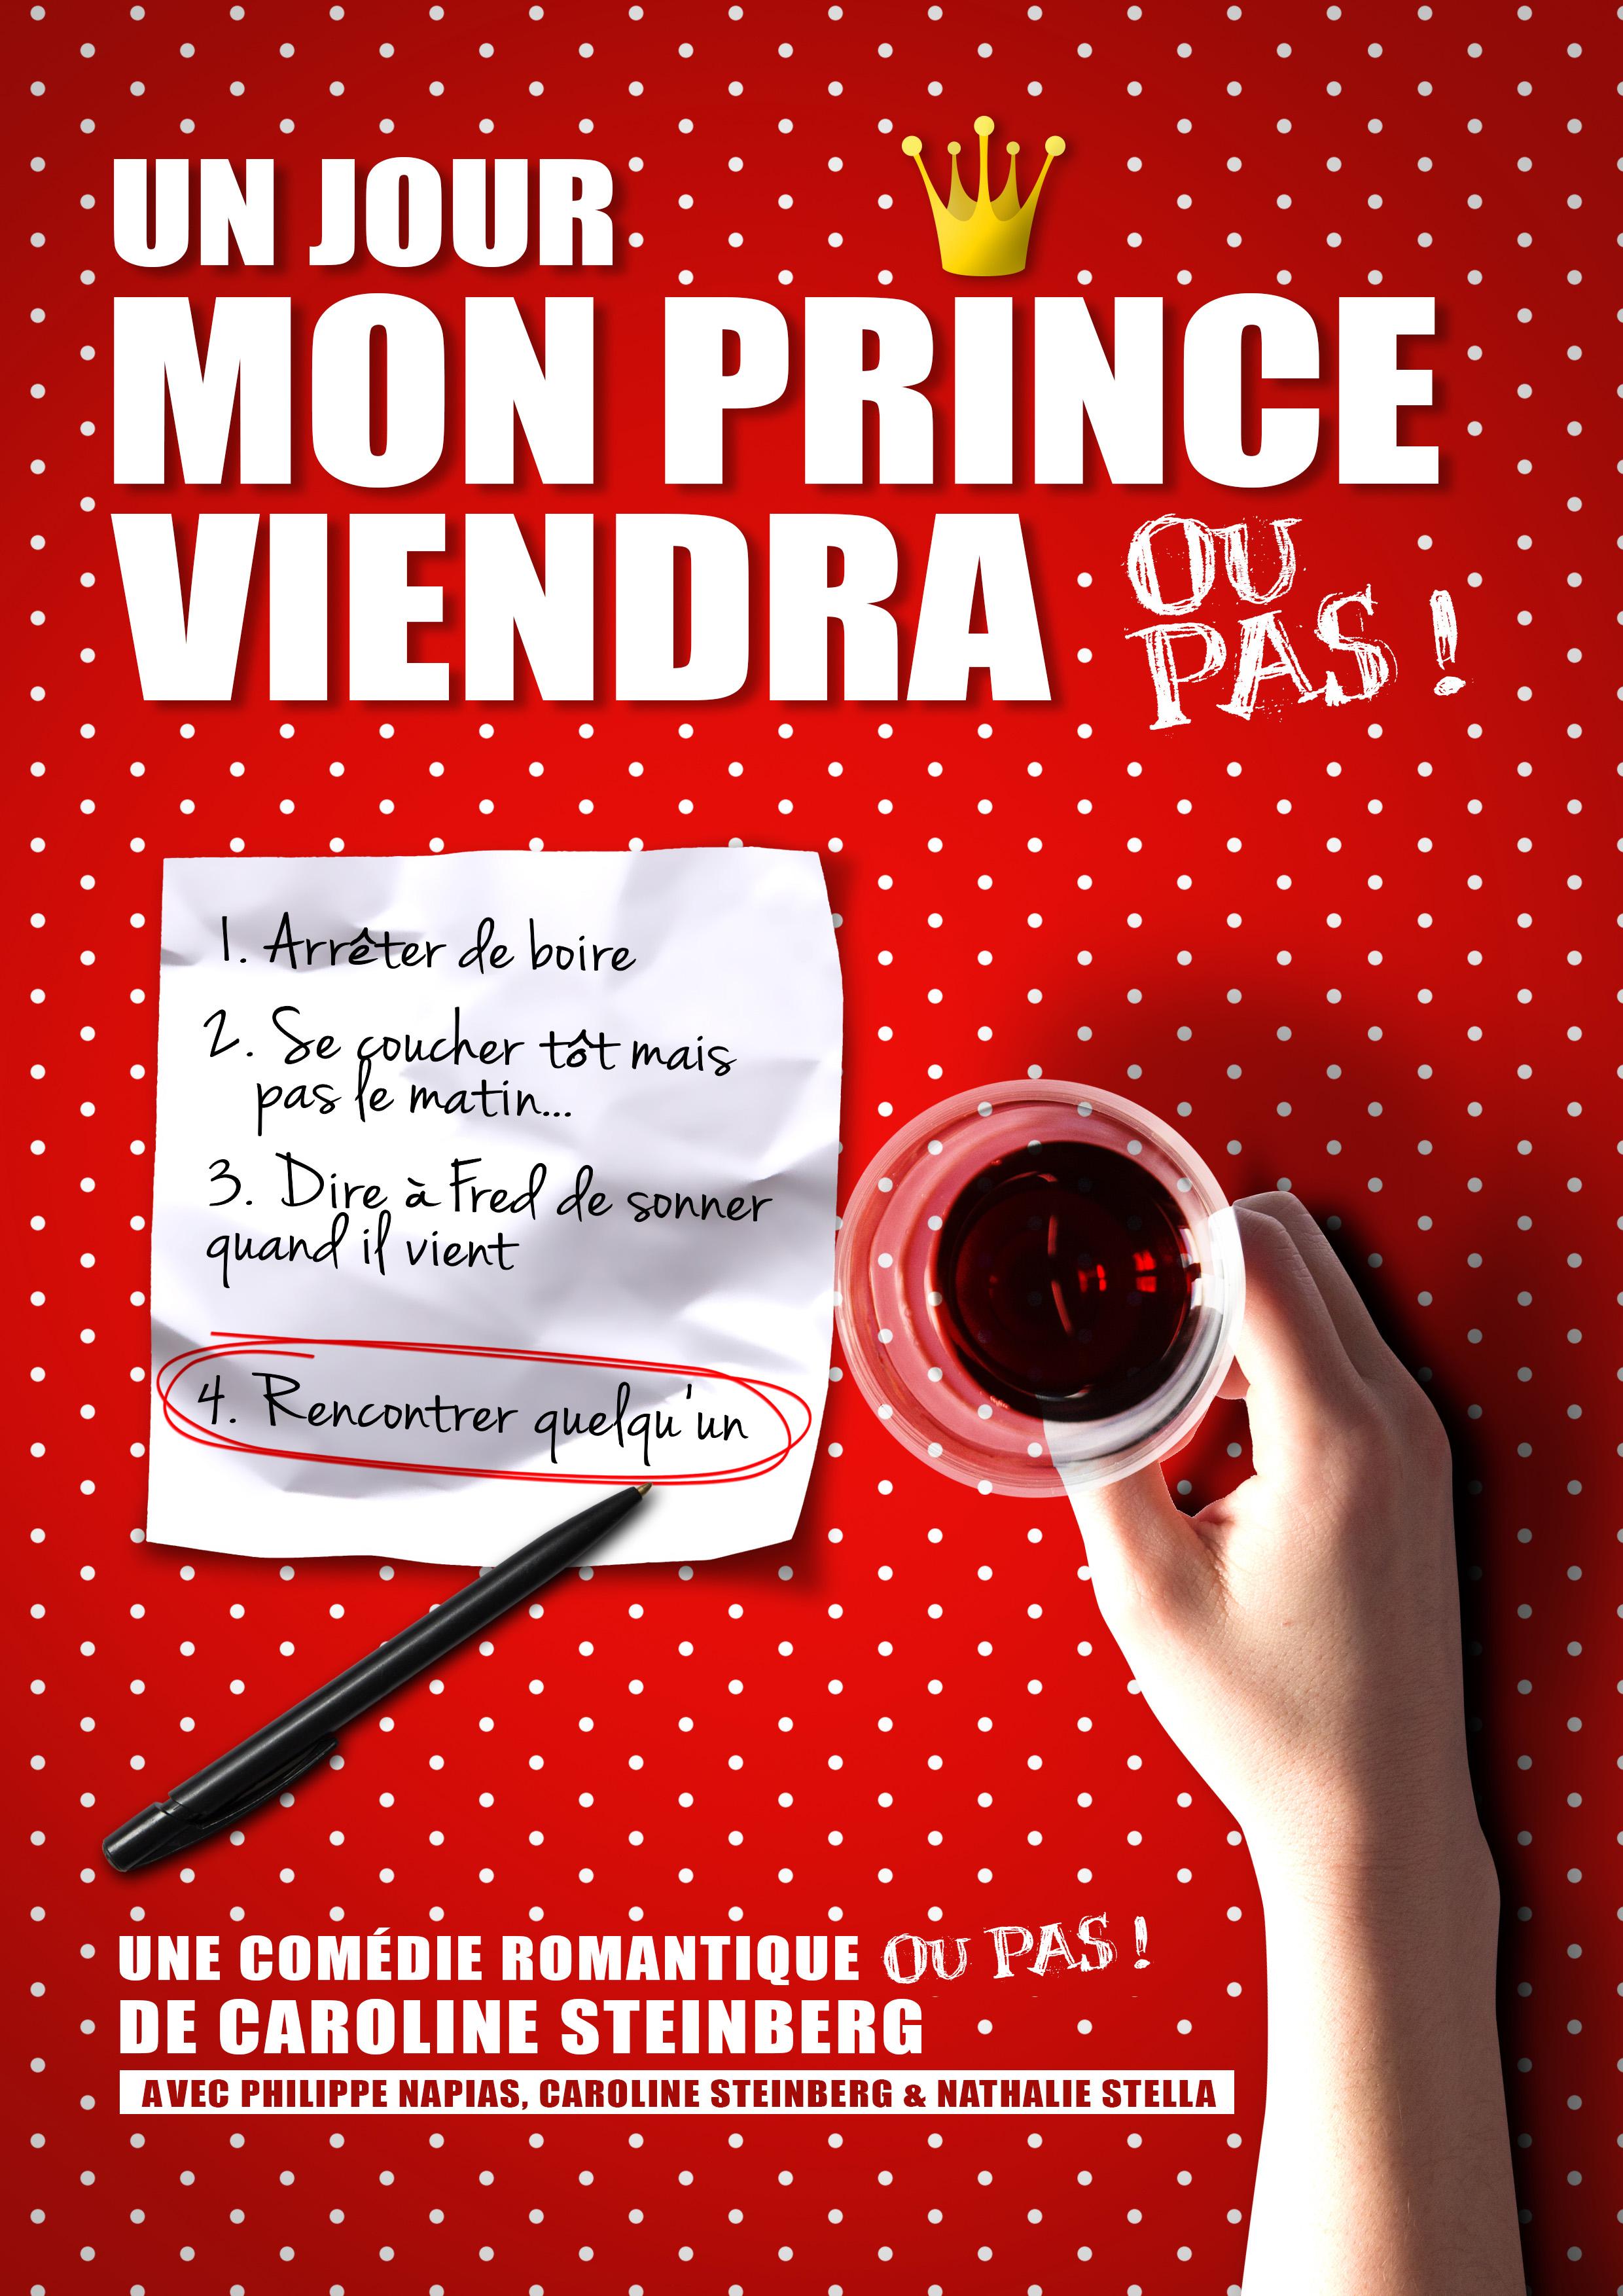 un jour mon prince viendra ou pas ! Caroline Steinberg - Philippe Napias - Nathalie Stella, comédie romantique